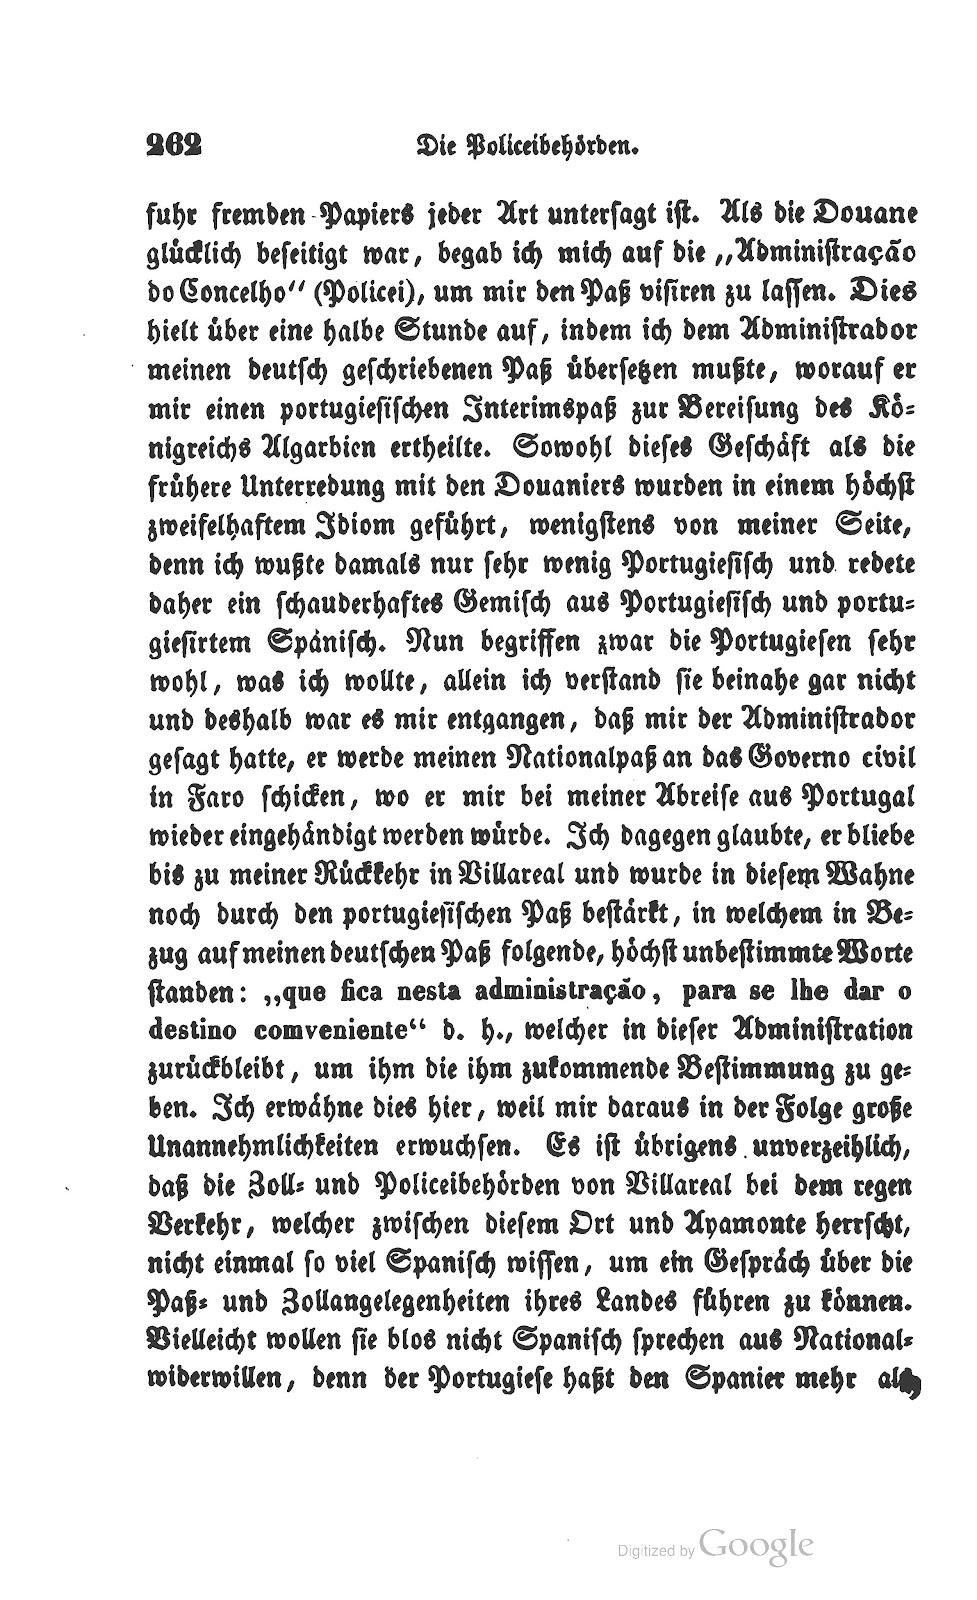 WIllkomm - 10. Kapitel Pages from Zwei_Jahre_in_Spanien_und_Portugal(3)_Page_04.jpg